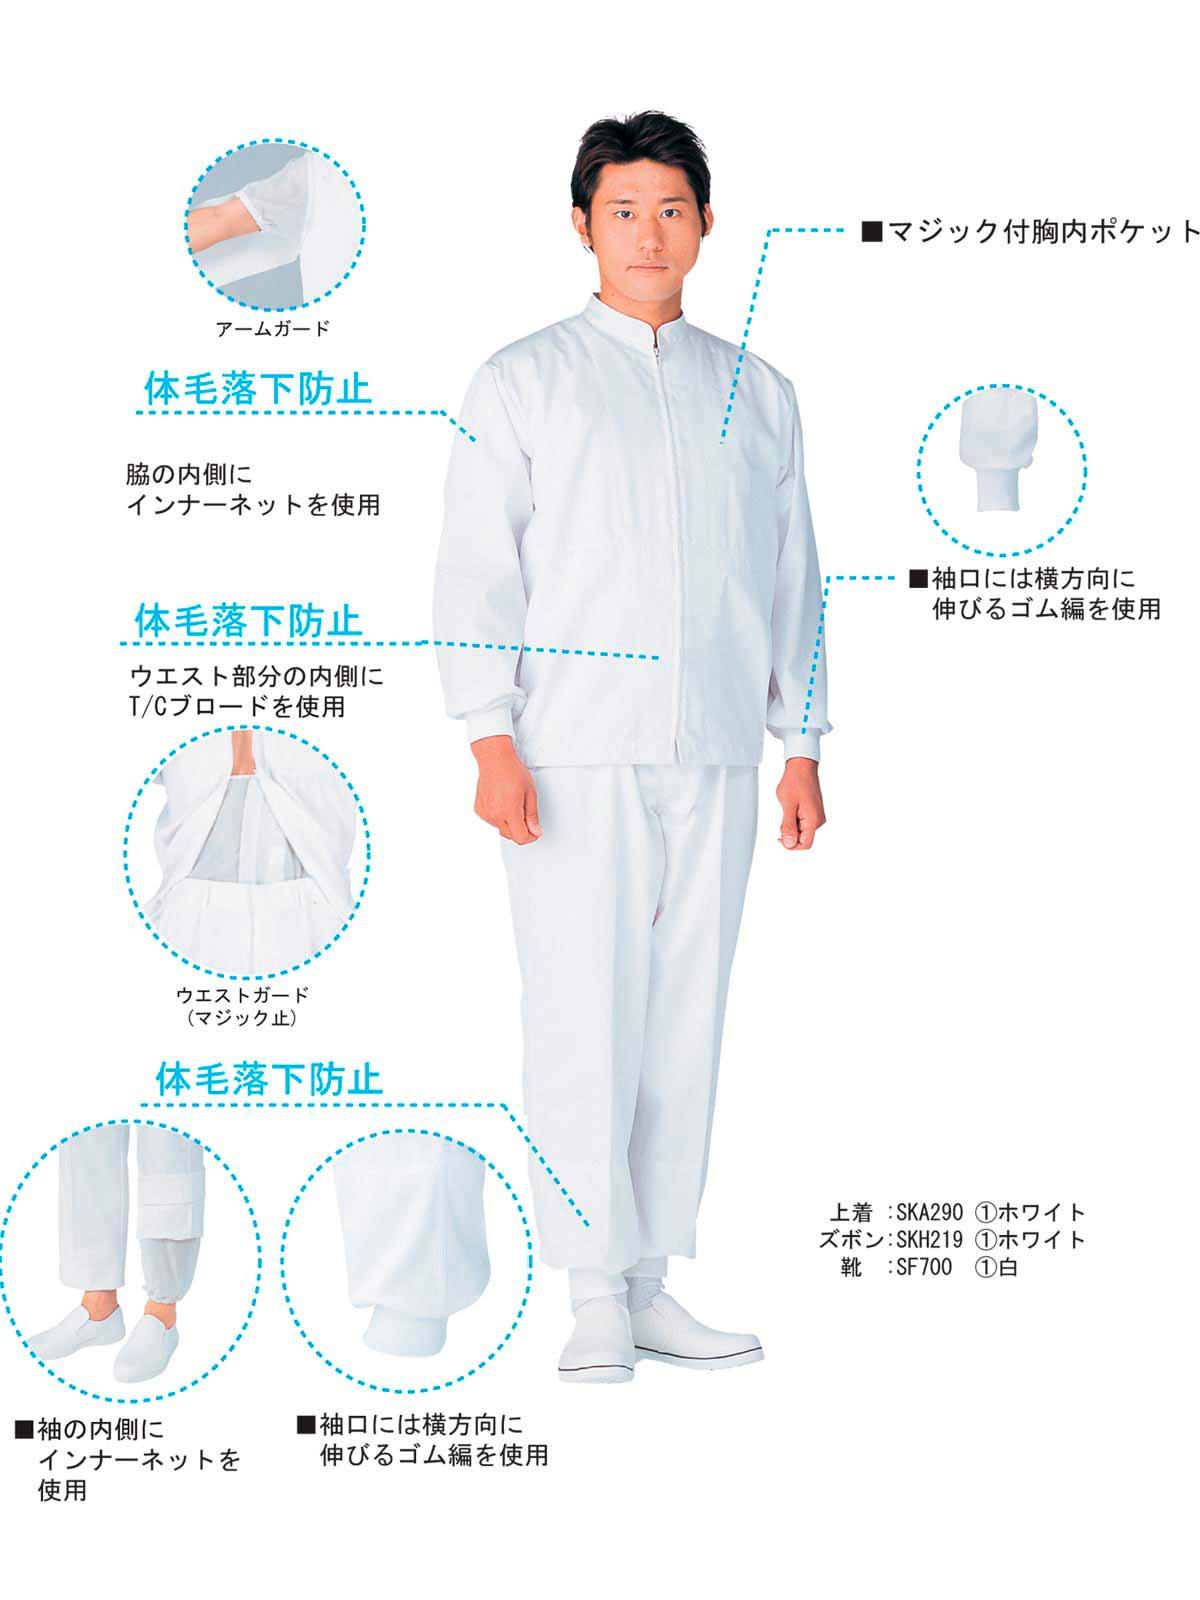 工場白衣男女兼用 SKA290